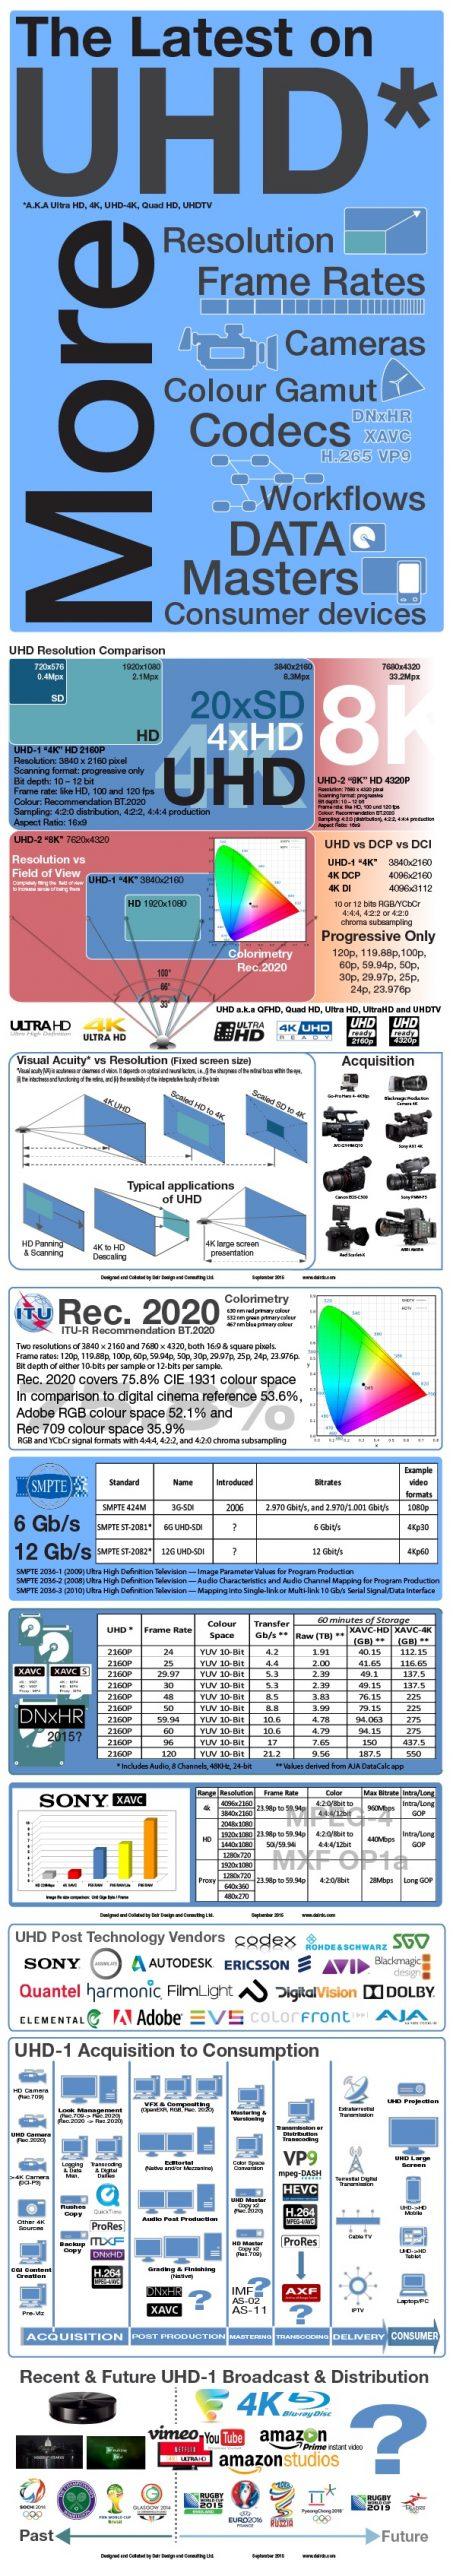 4K_Infographic_Long_31-07-16_v14-01.jpg